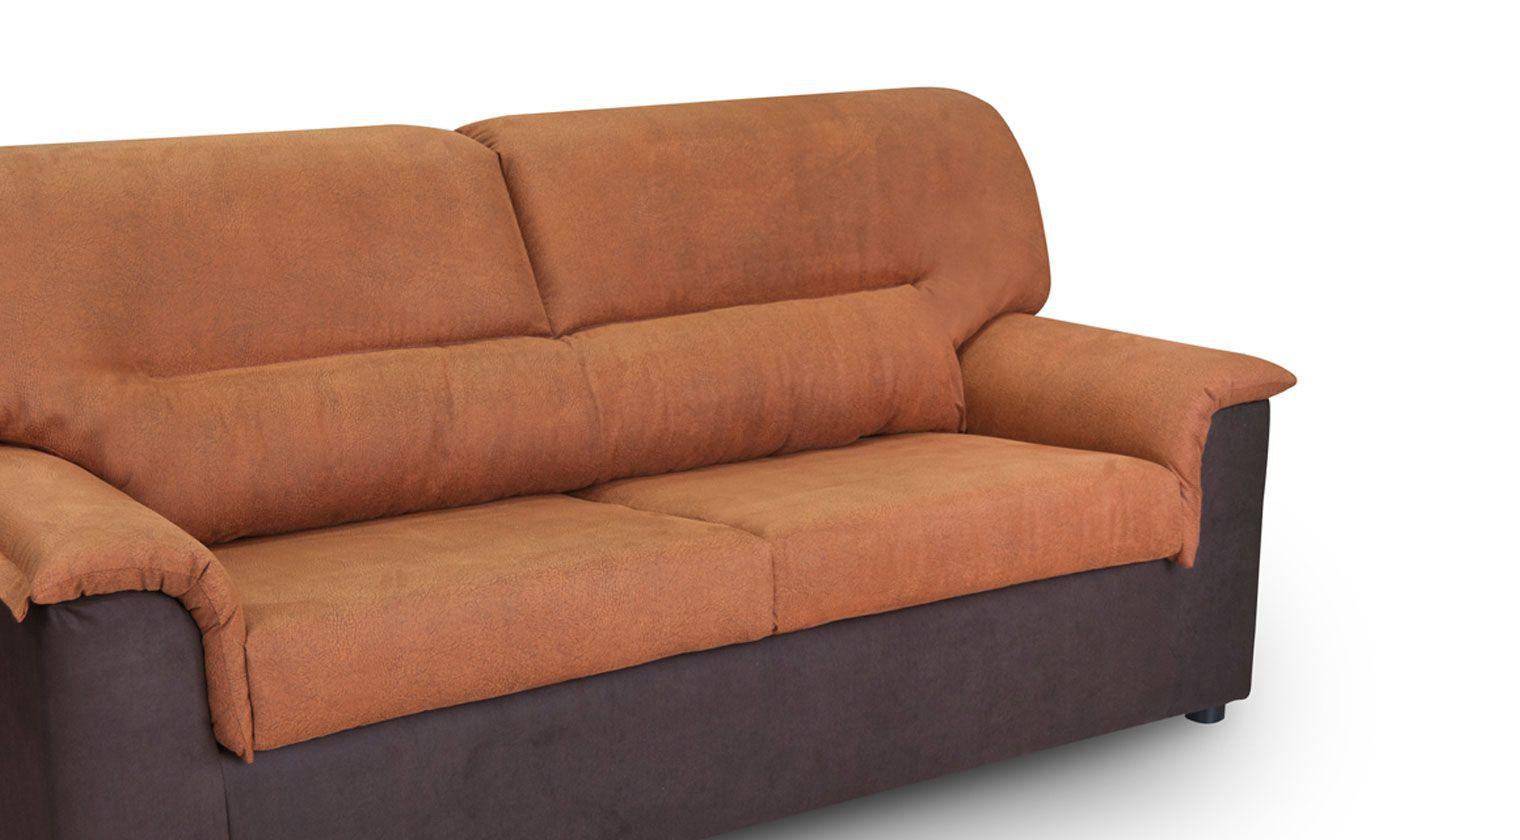 Comprar sof belen conjnto sofas 3 2 tejido italica for Sofas baratos asturias